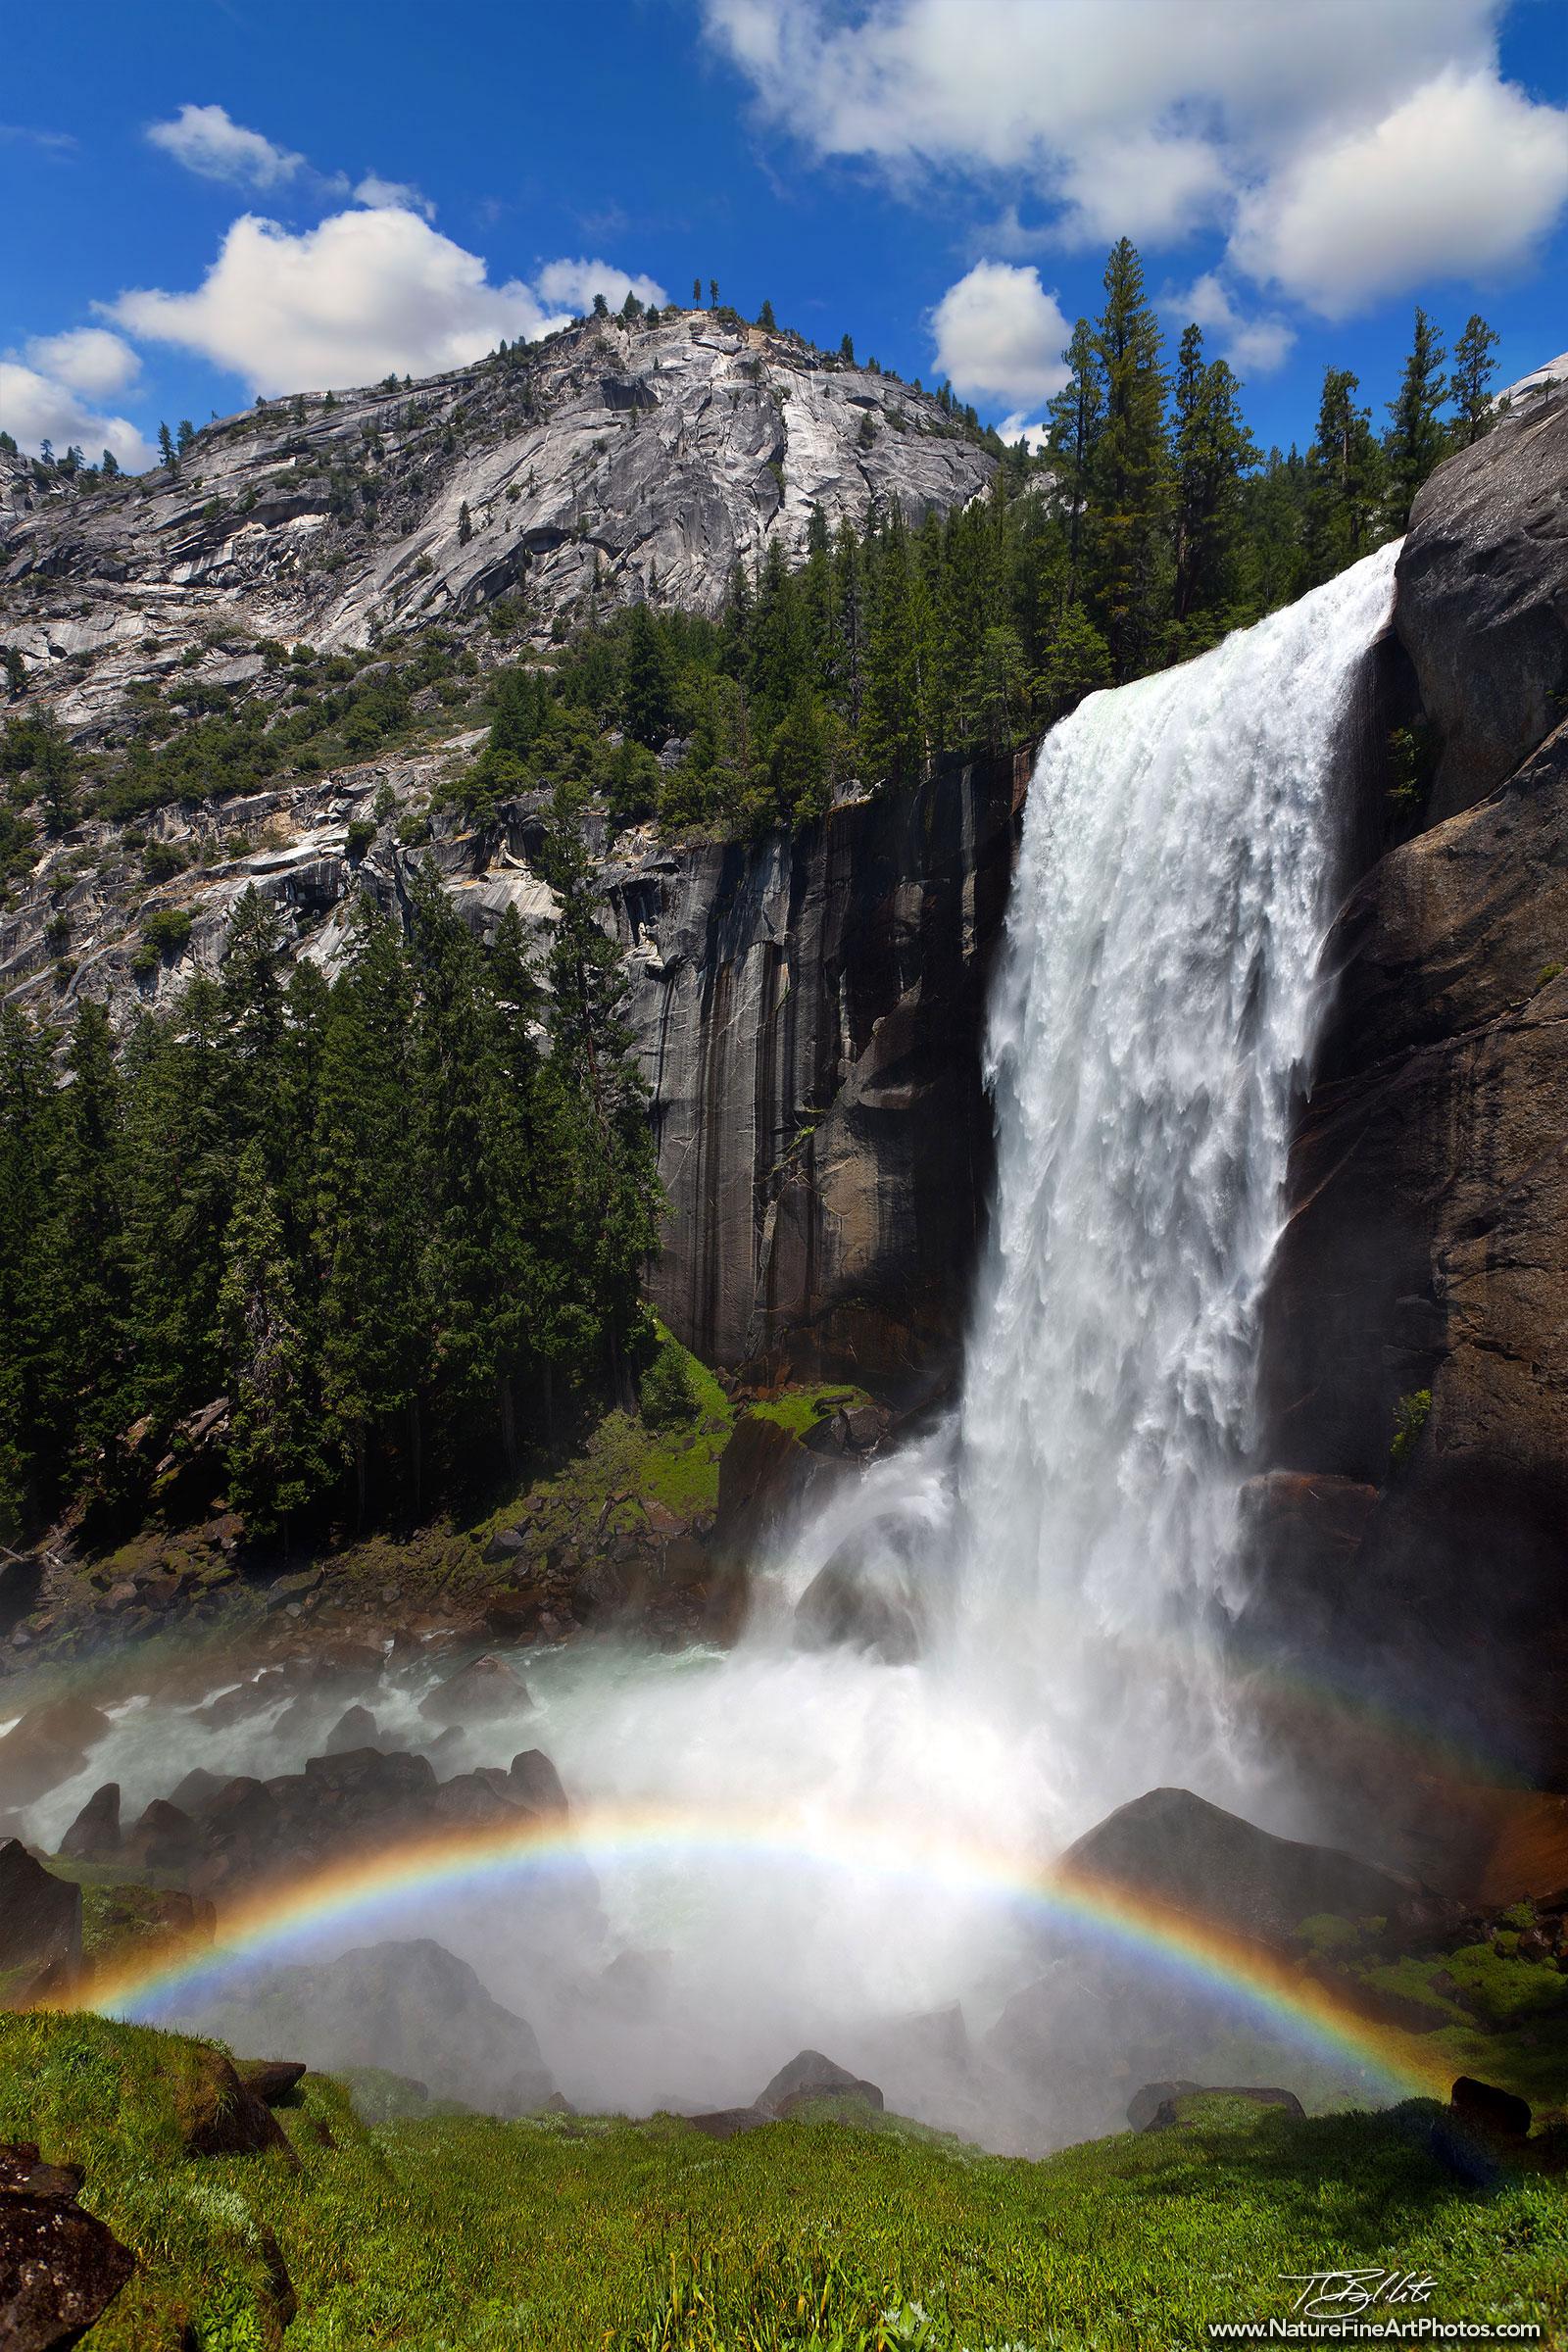 Rainbow below Vernal Fall: Mist Trail, Yosemite National ...   Yosemite Vernal Falls Rainbow